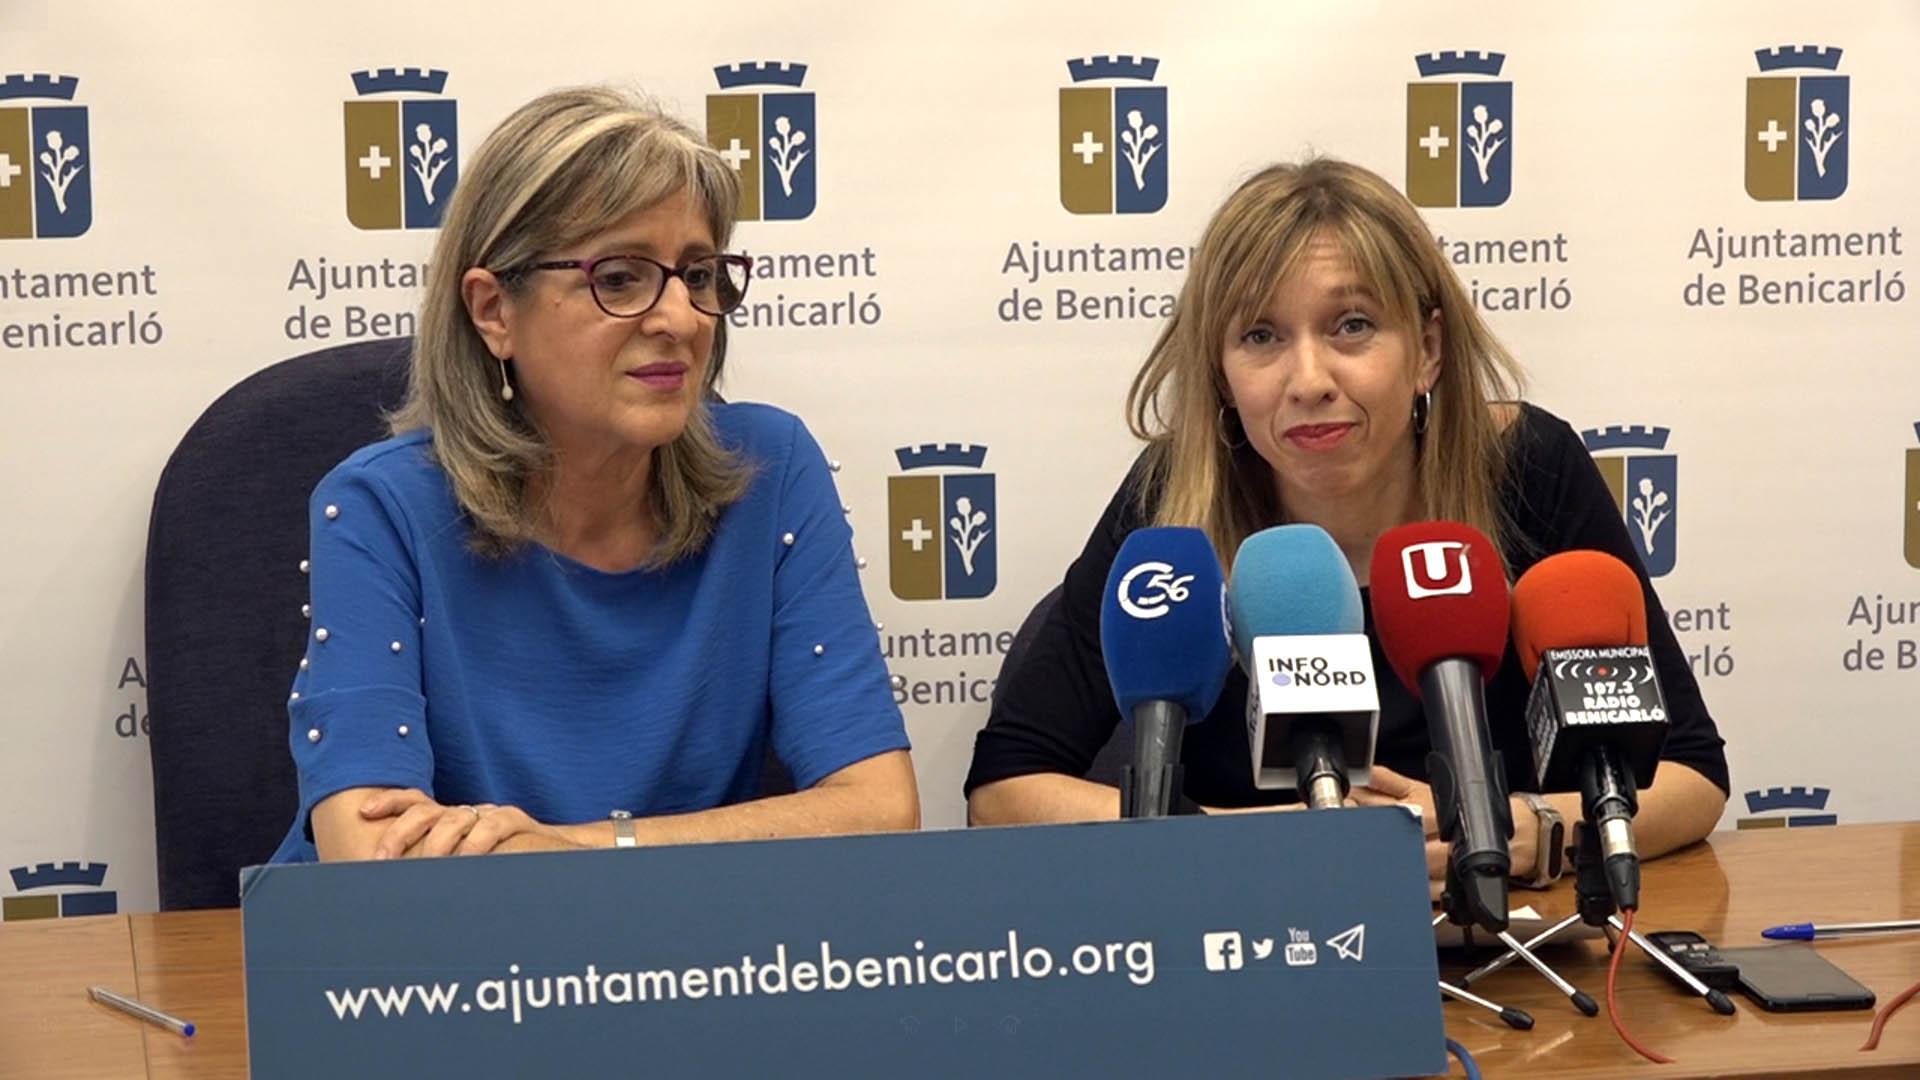 Benicarló, l'Ajuntament anuncia que el Menjador Social deixarà de prestar el servei a causa de la reducció dels usuaris